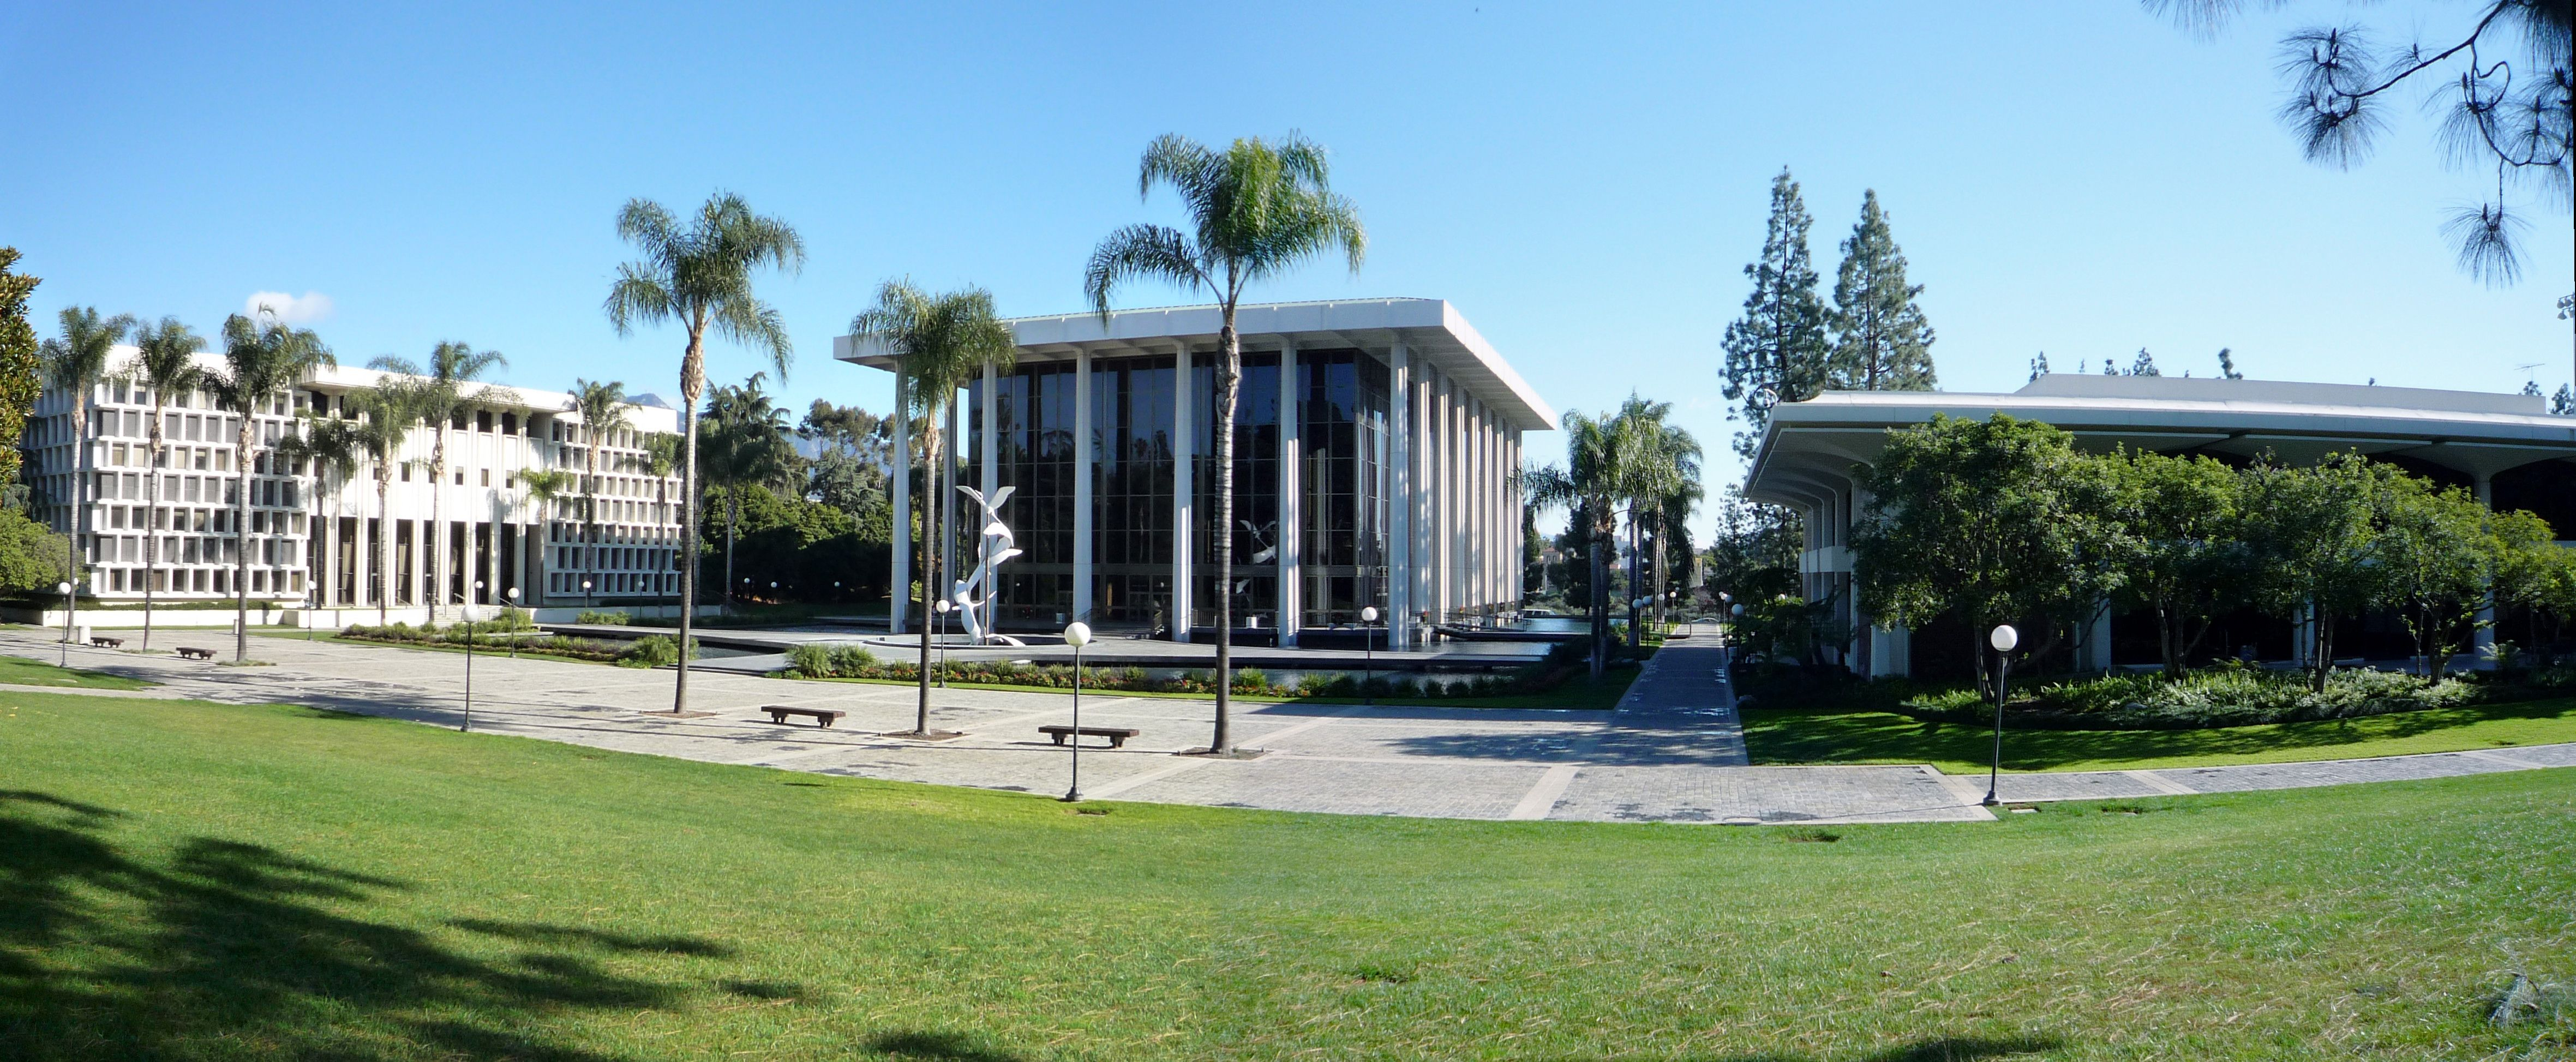 Pasadena California Familypedia Fandom Powered By